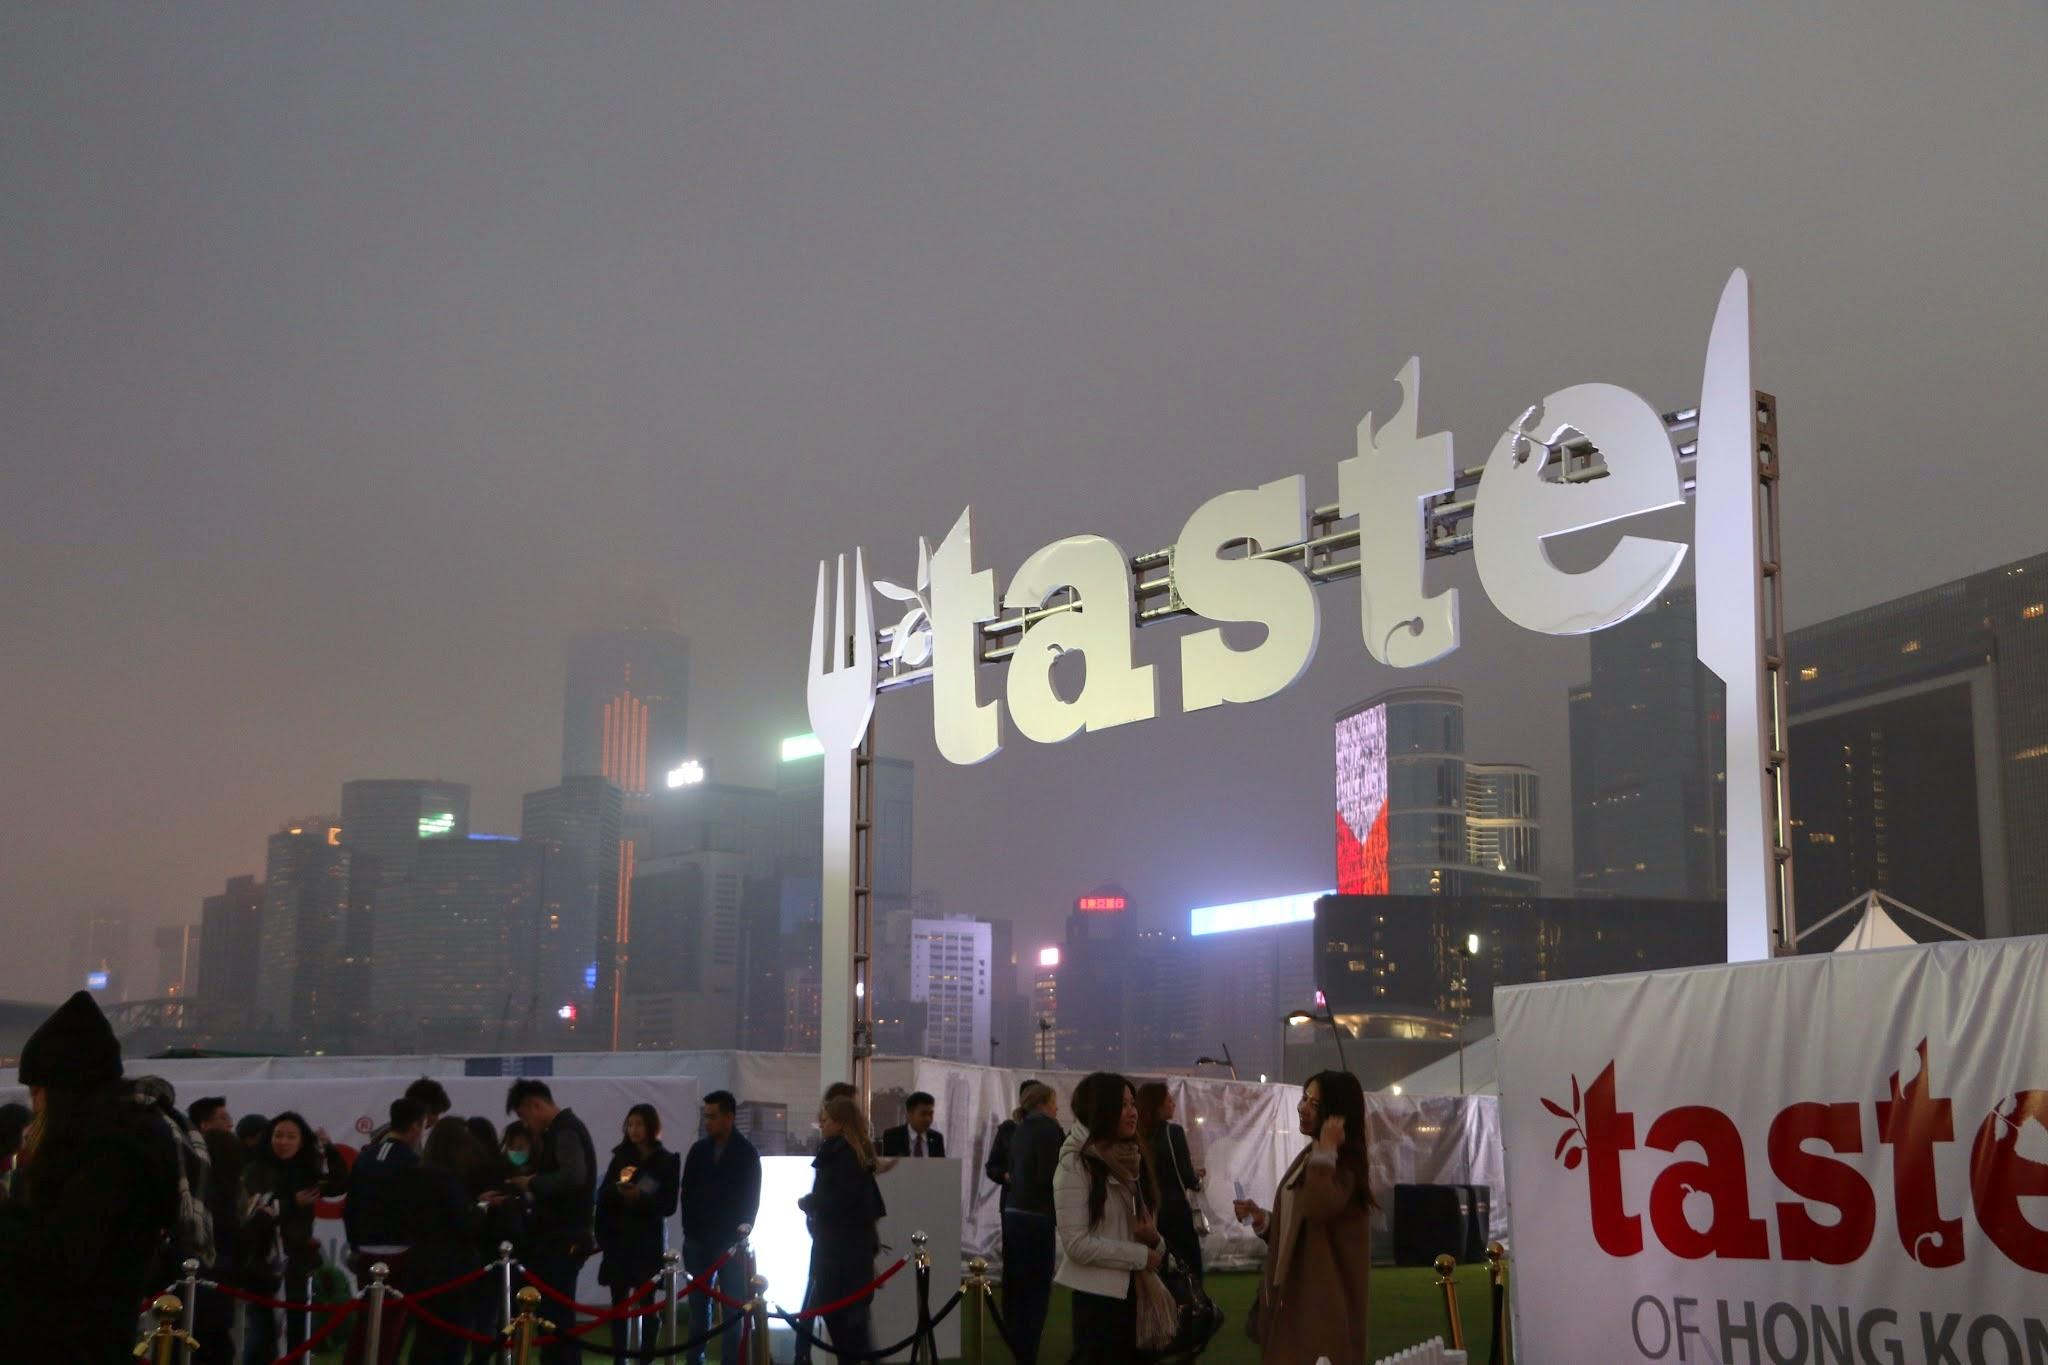 Taste Festival, Taste of Hong Kong